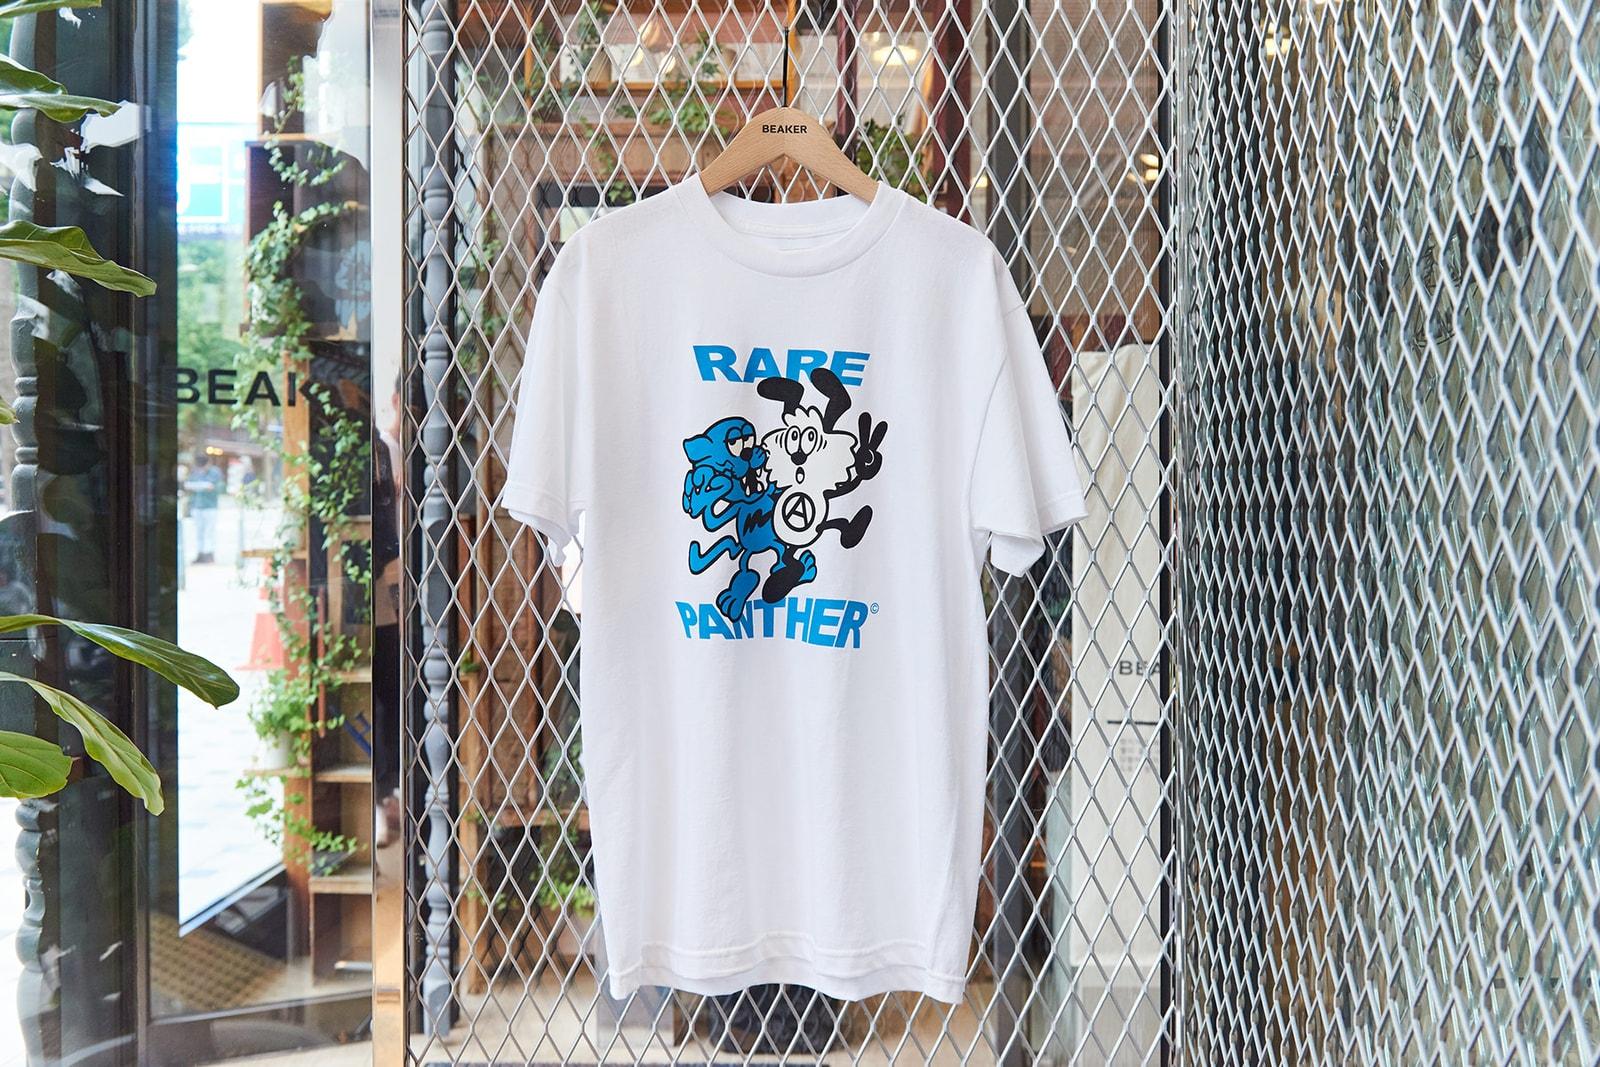 브랜드 프로필 베르디 걸스 돈 크라이 헬리녹스 레어 팬서 협업 컬렉션 비이커 한남 팝업